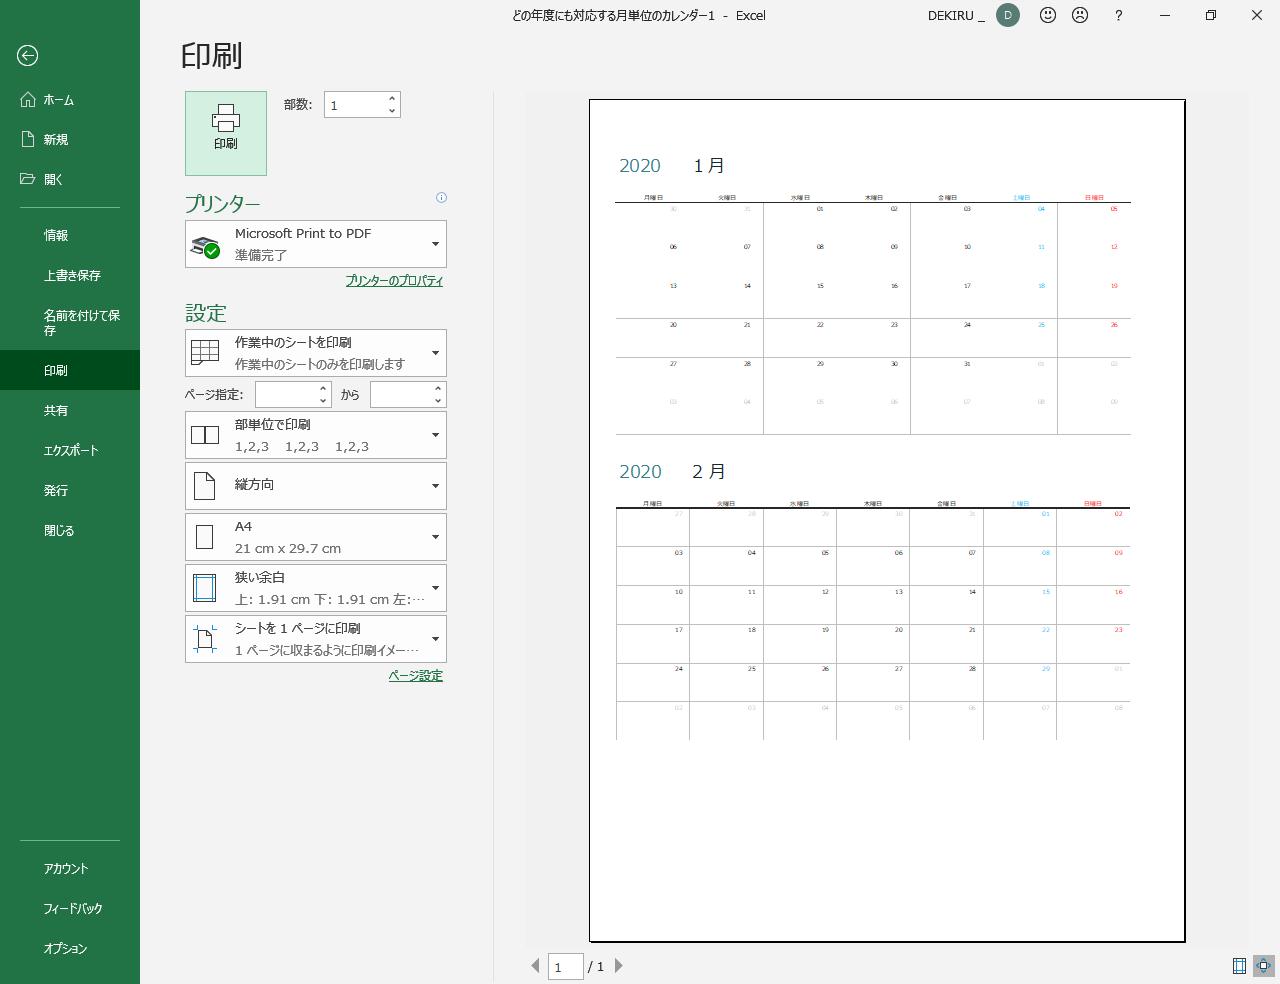 エクセル カレンダー 2020